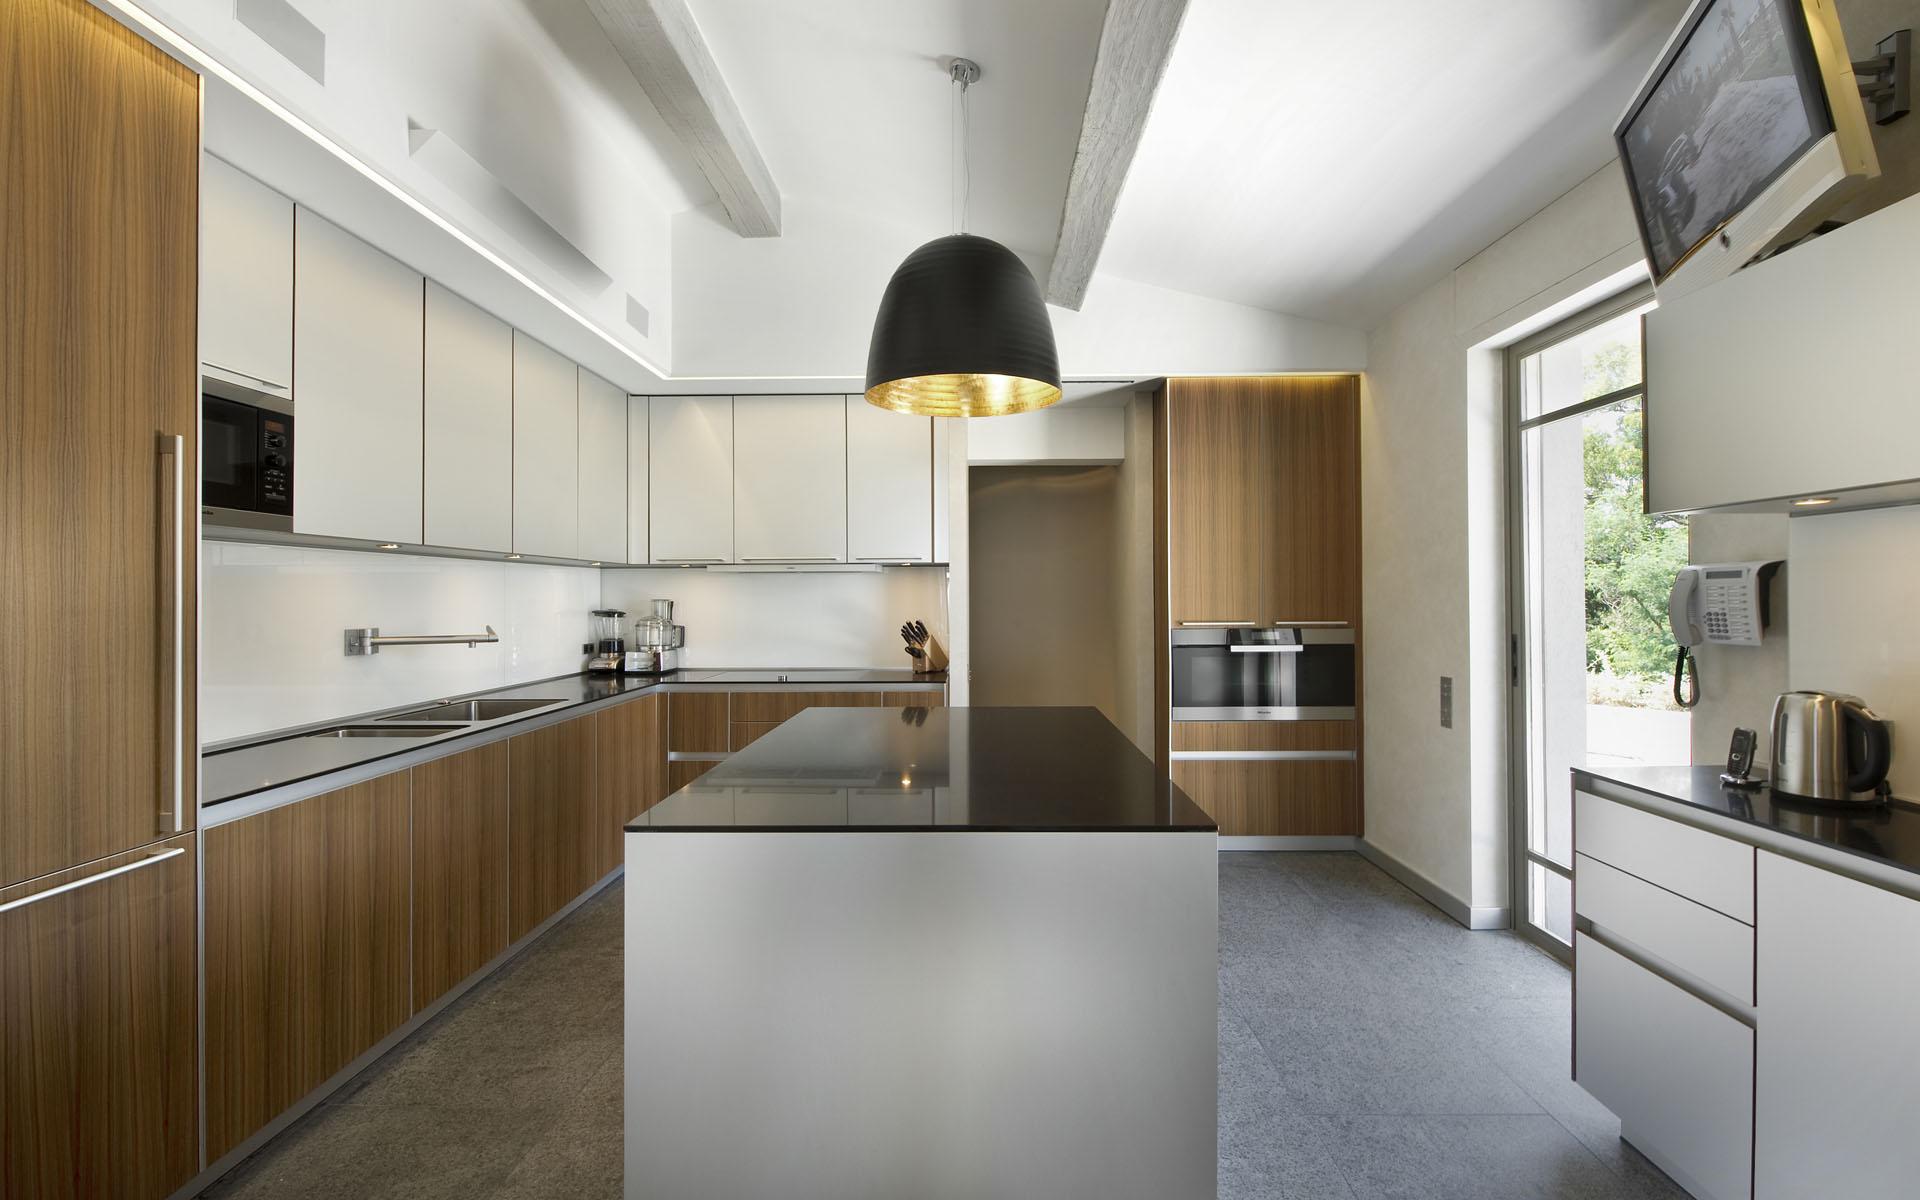 interior kitchen design ideas kitchen interior design Minimalist Modern Kitchen Interior Design Ideas